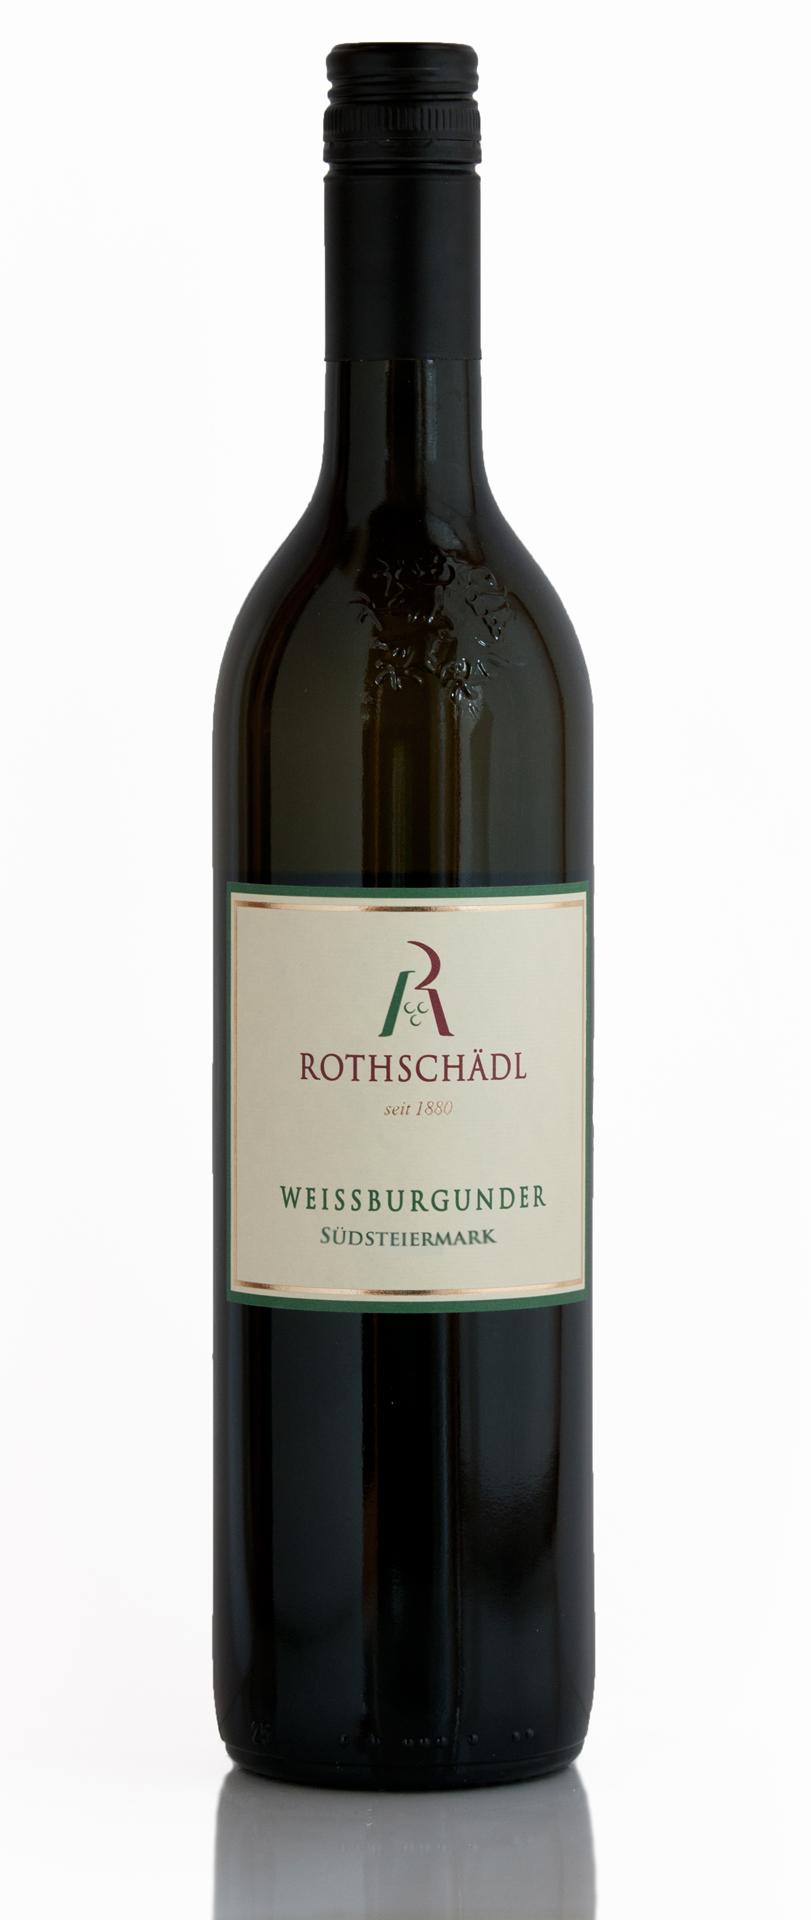 Weissburgunder Südsteiermark Weingut Rothschädl Wein - Leutschach an der Weinstraße - Eichberg-Trautenburg